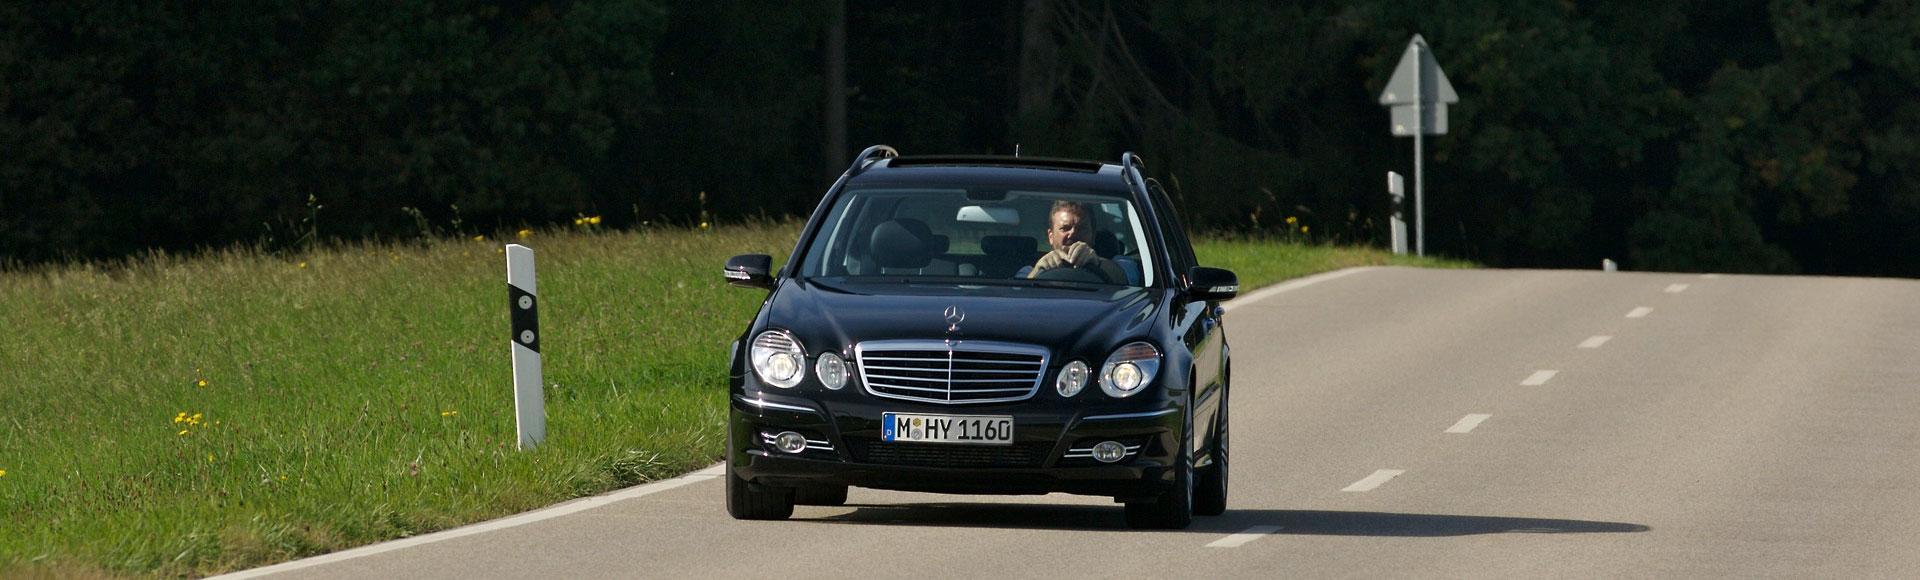 Mercedes Benz E Klasse Kombi Sommer 2006 367